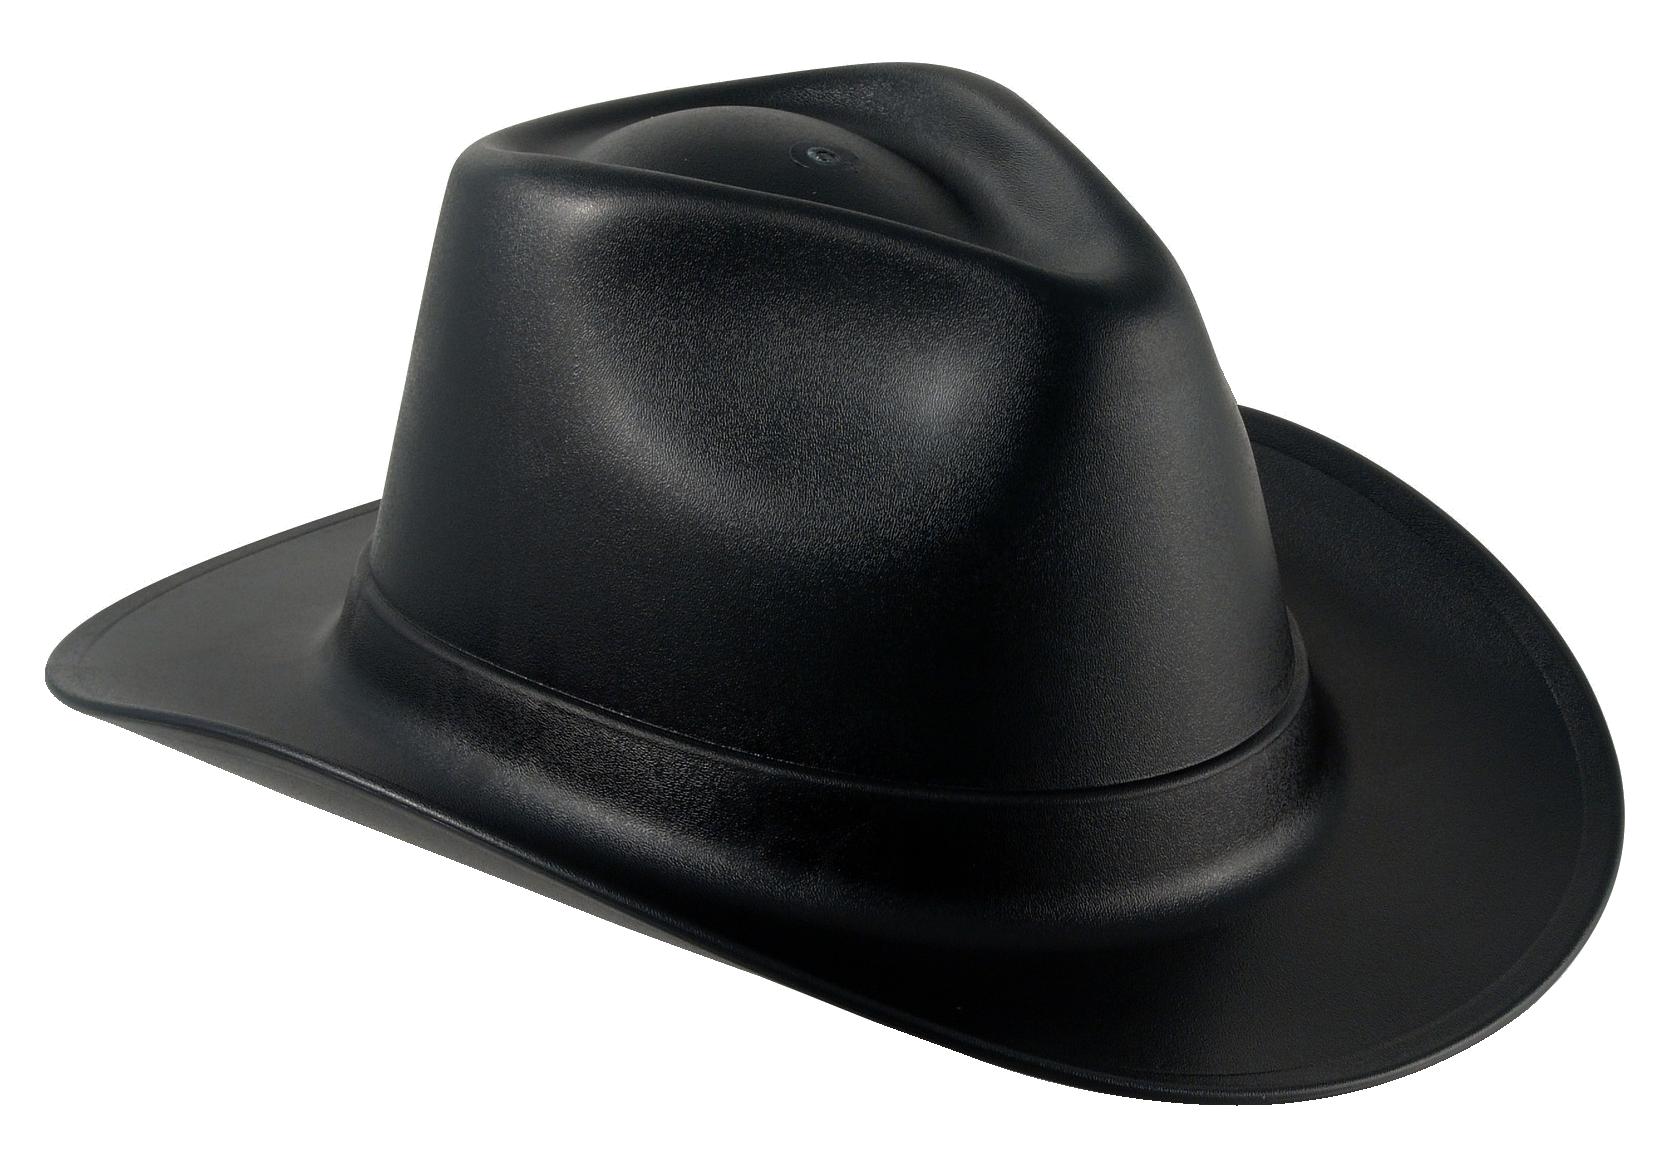 Cowboy Hat PNG Transparent Image - Hat PNG